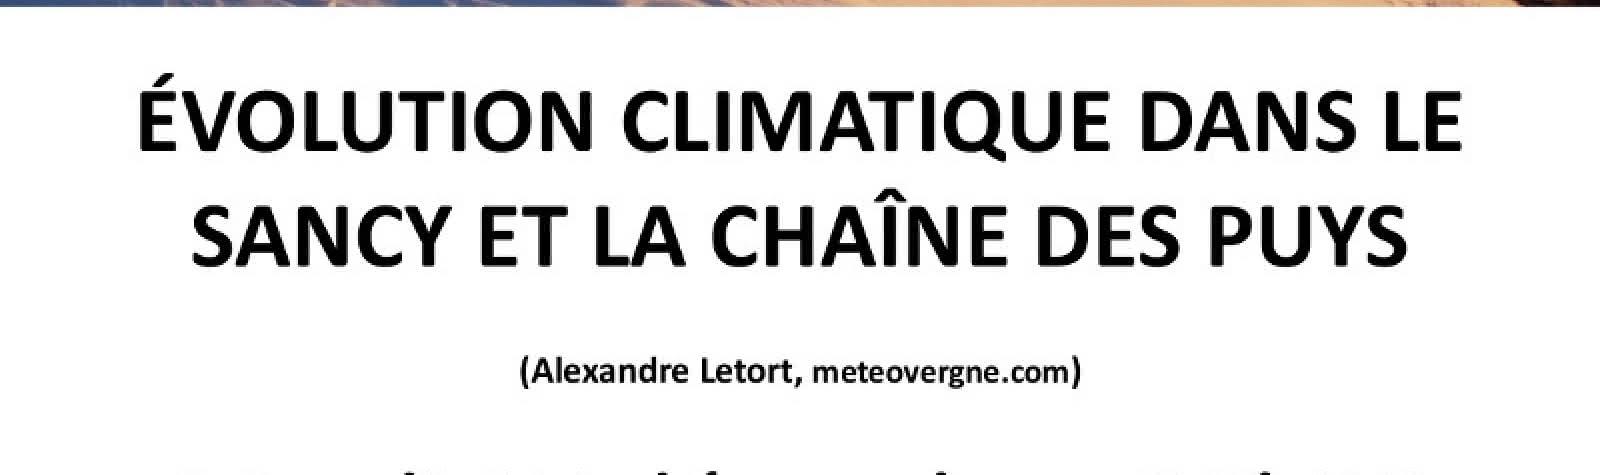 © L'évolution climatique dans le Sancy et la chaîne des Puys